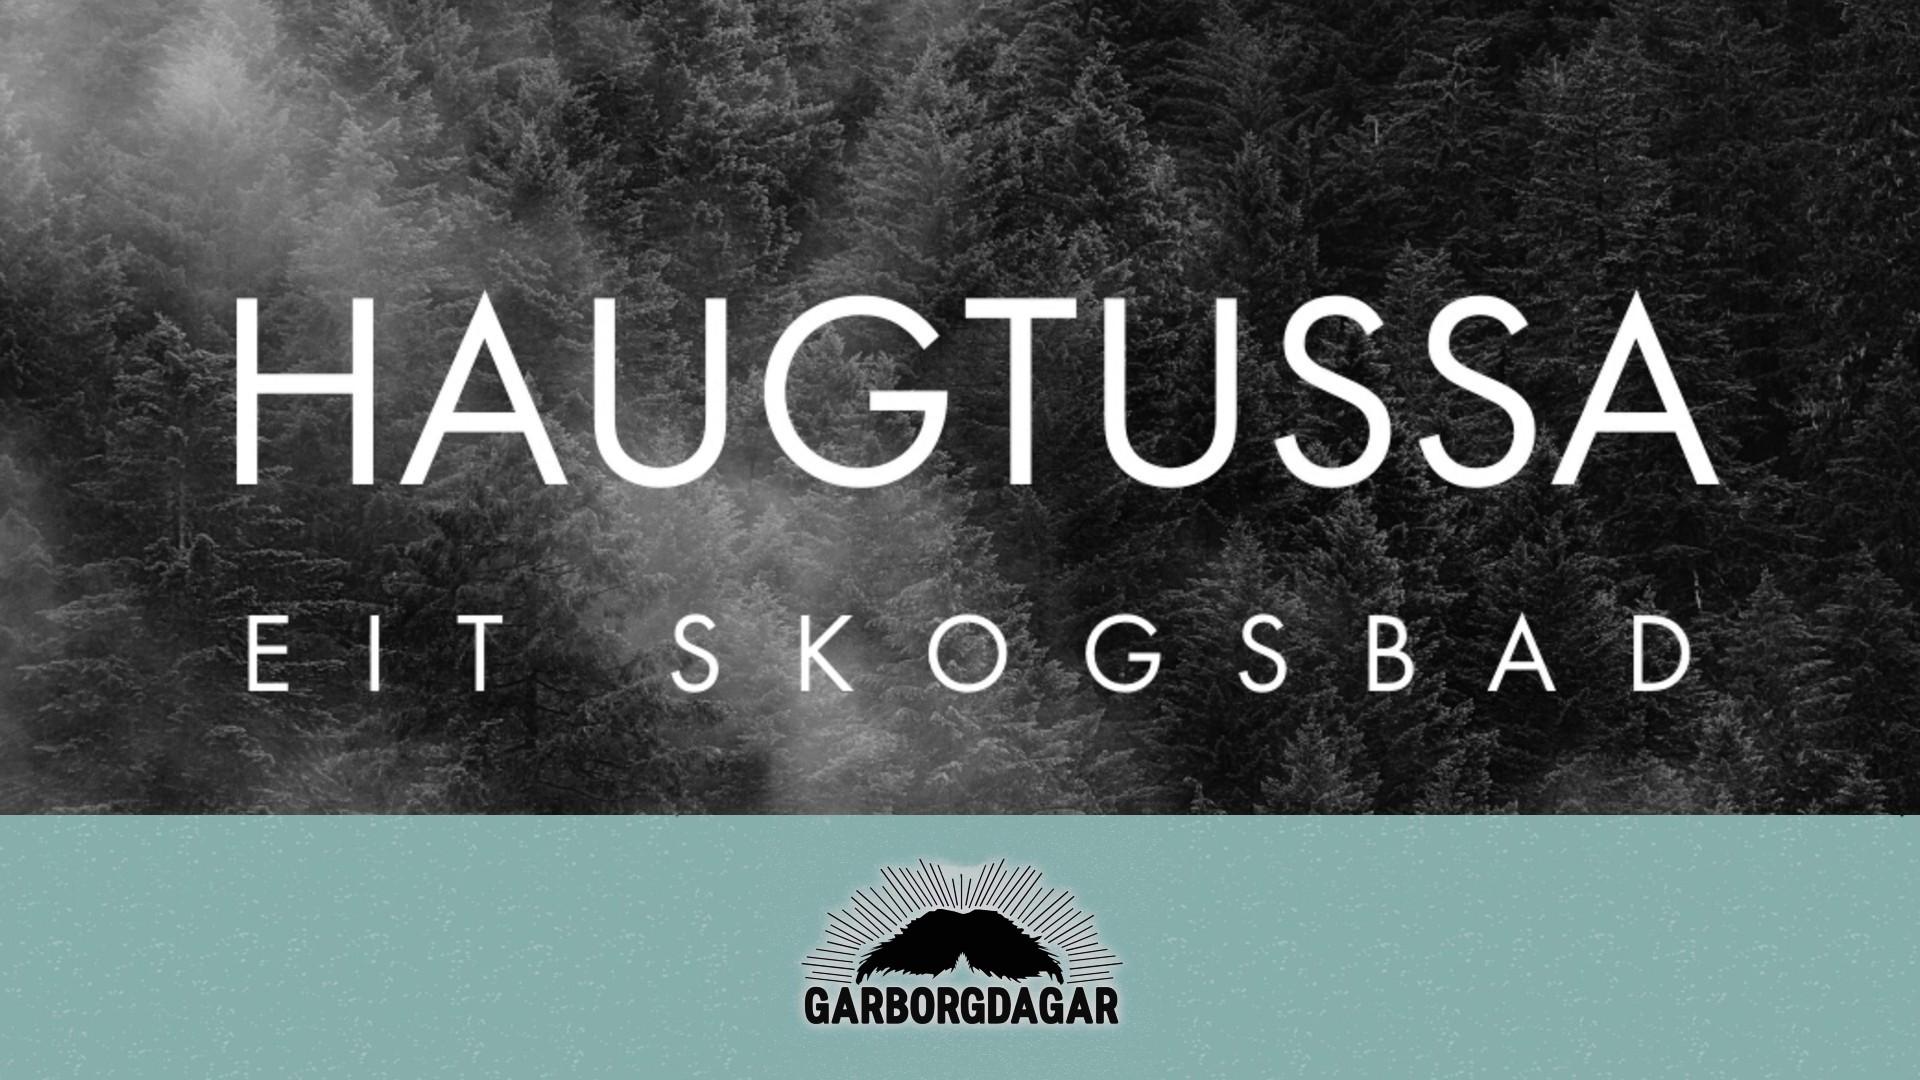 Utstillingsopning  |  Haugtussa:  Eit  skogsbad